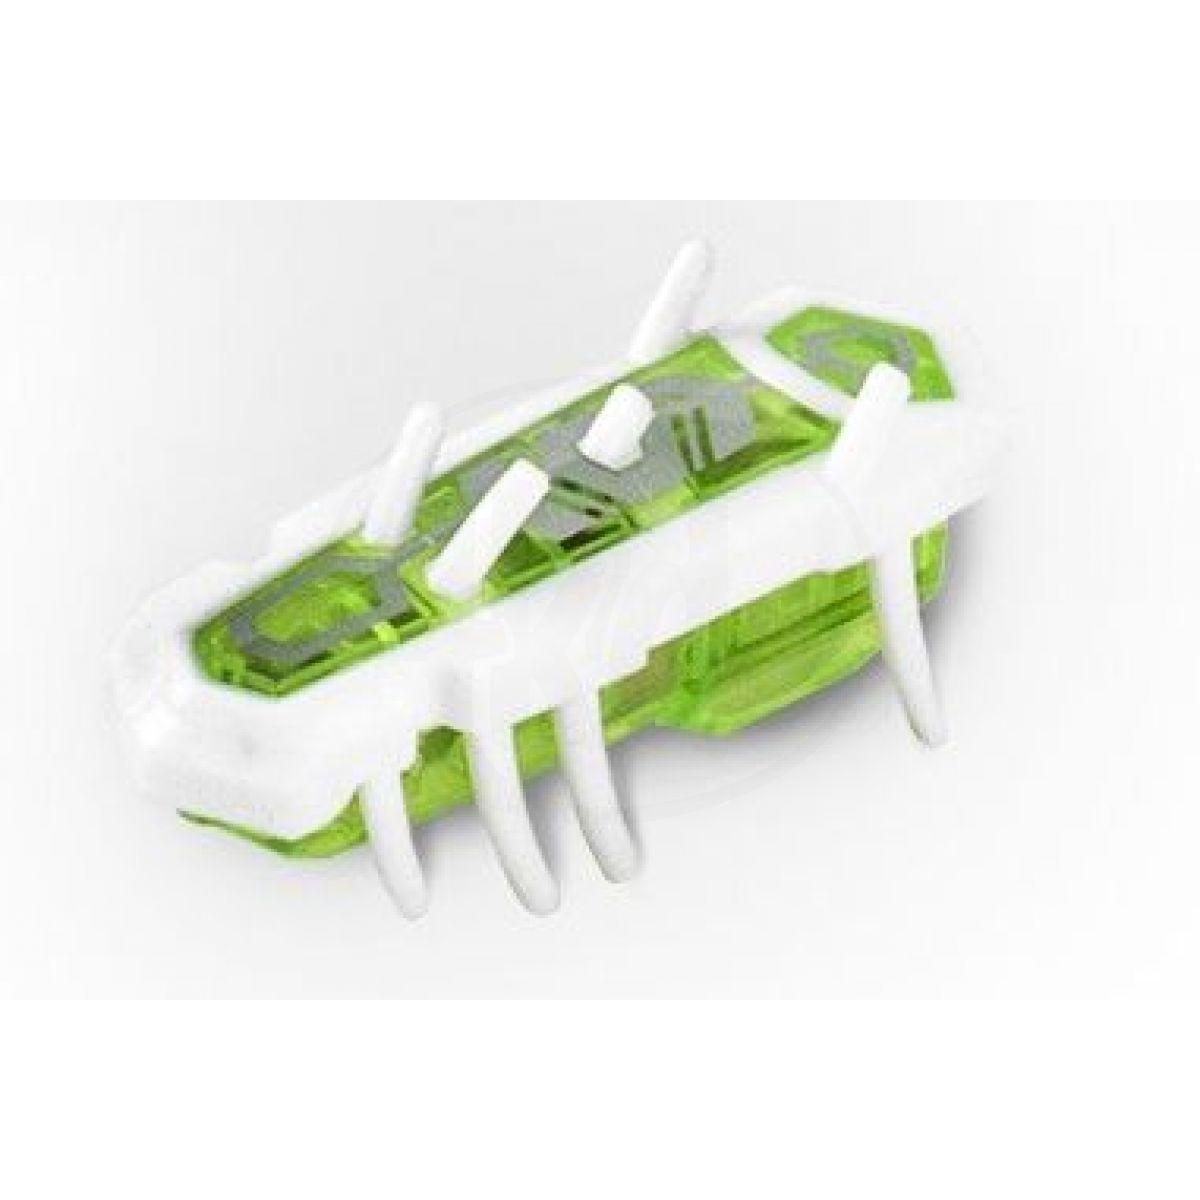 b9879dc526a Hexbug Nano V2 Nitro bílá-zelená